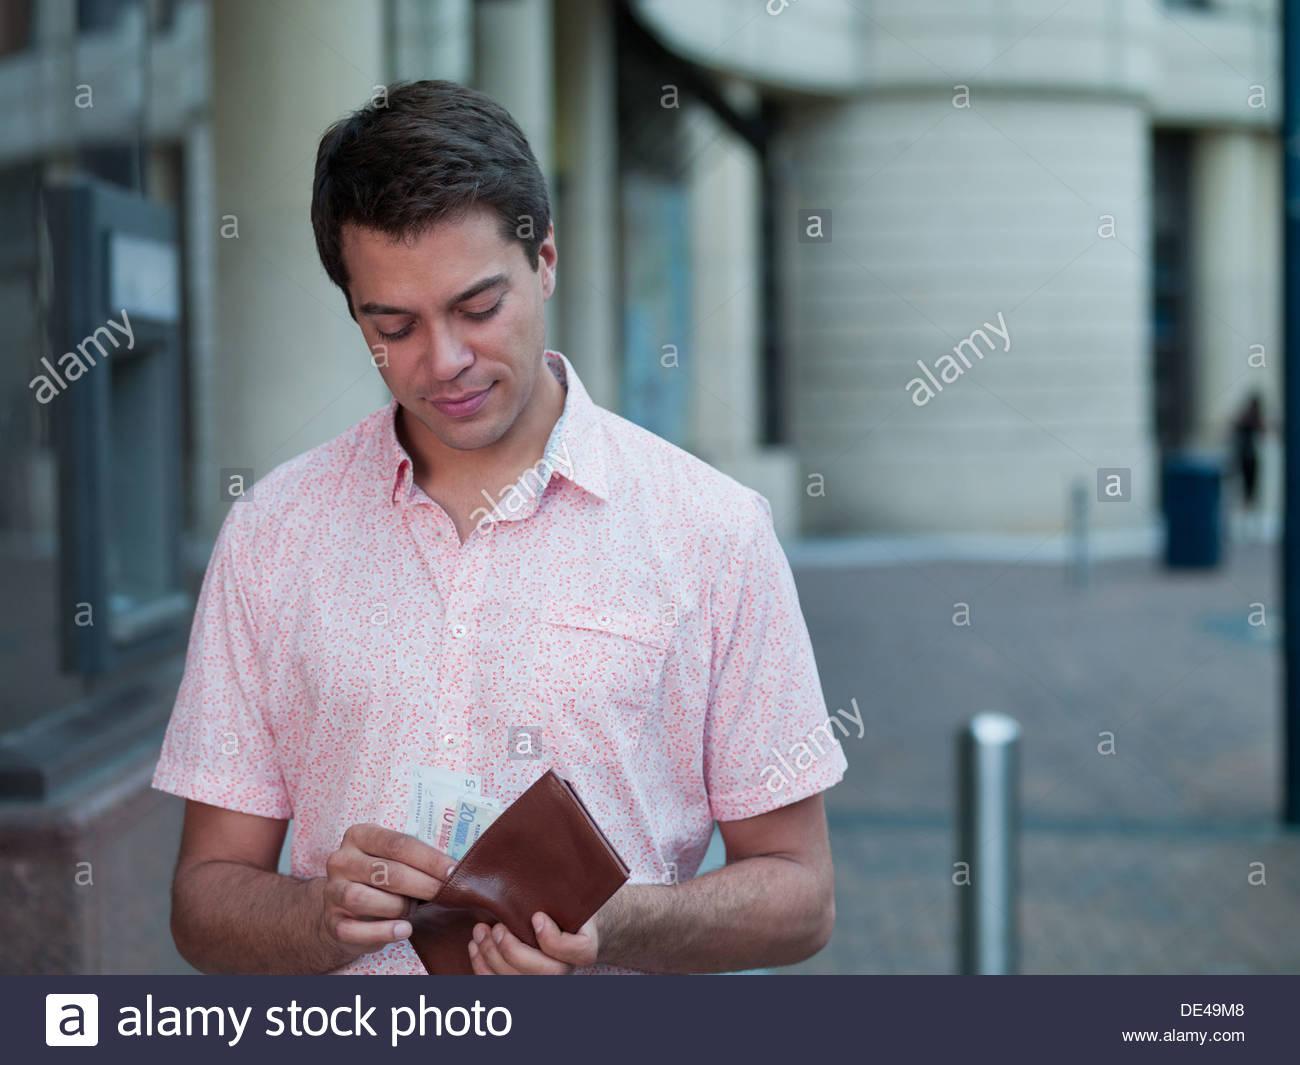 Mann, hält die Tasche in der Nähe von Geldautomaten Stockbild